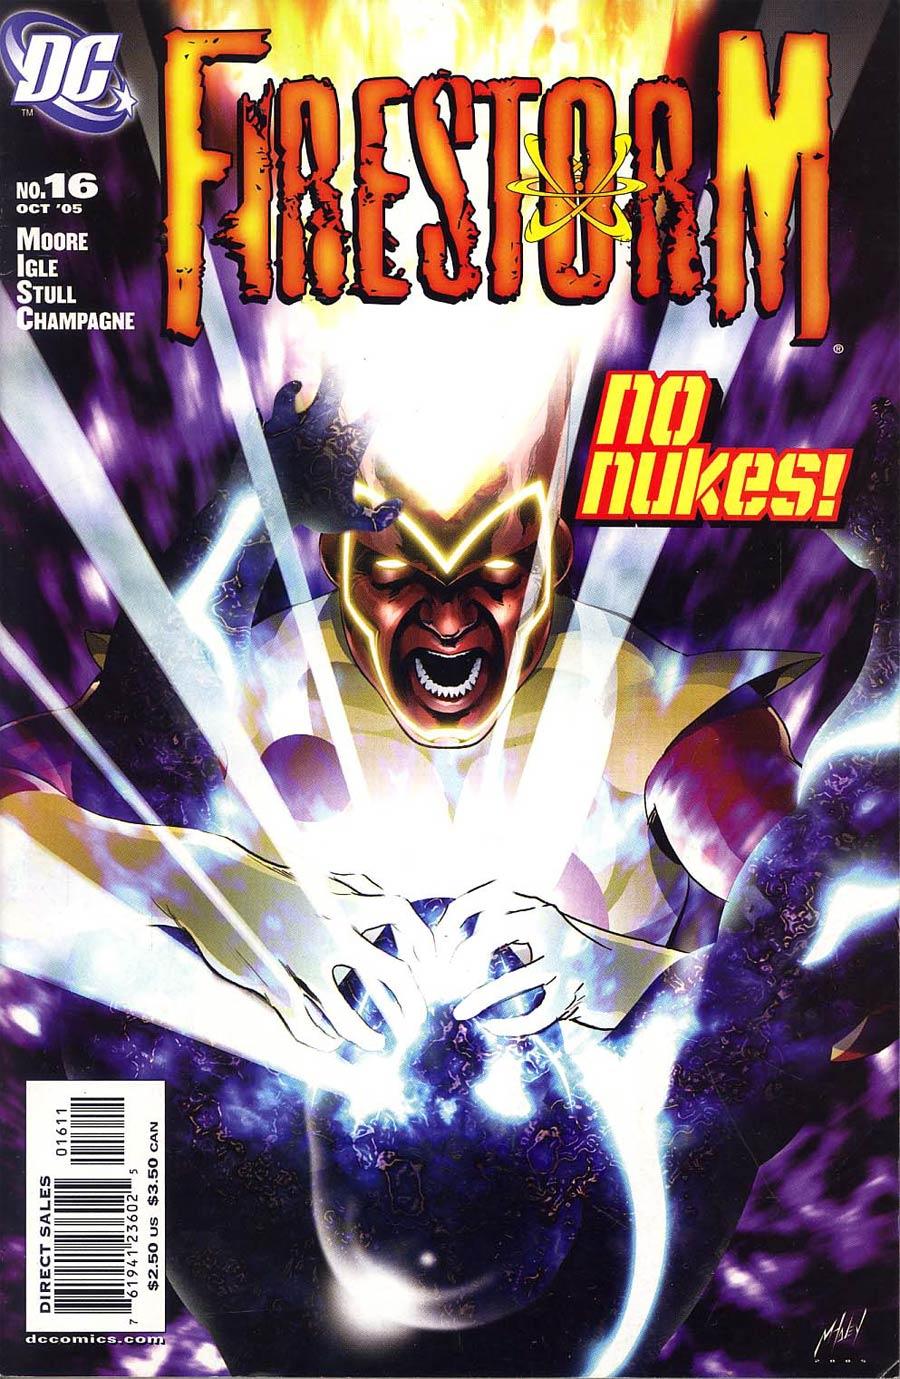 Firestorm Vol 2 #16